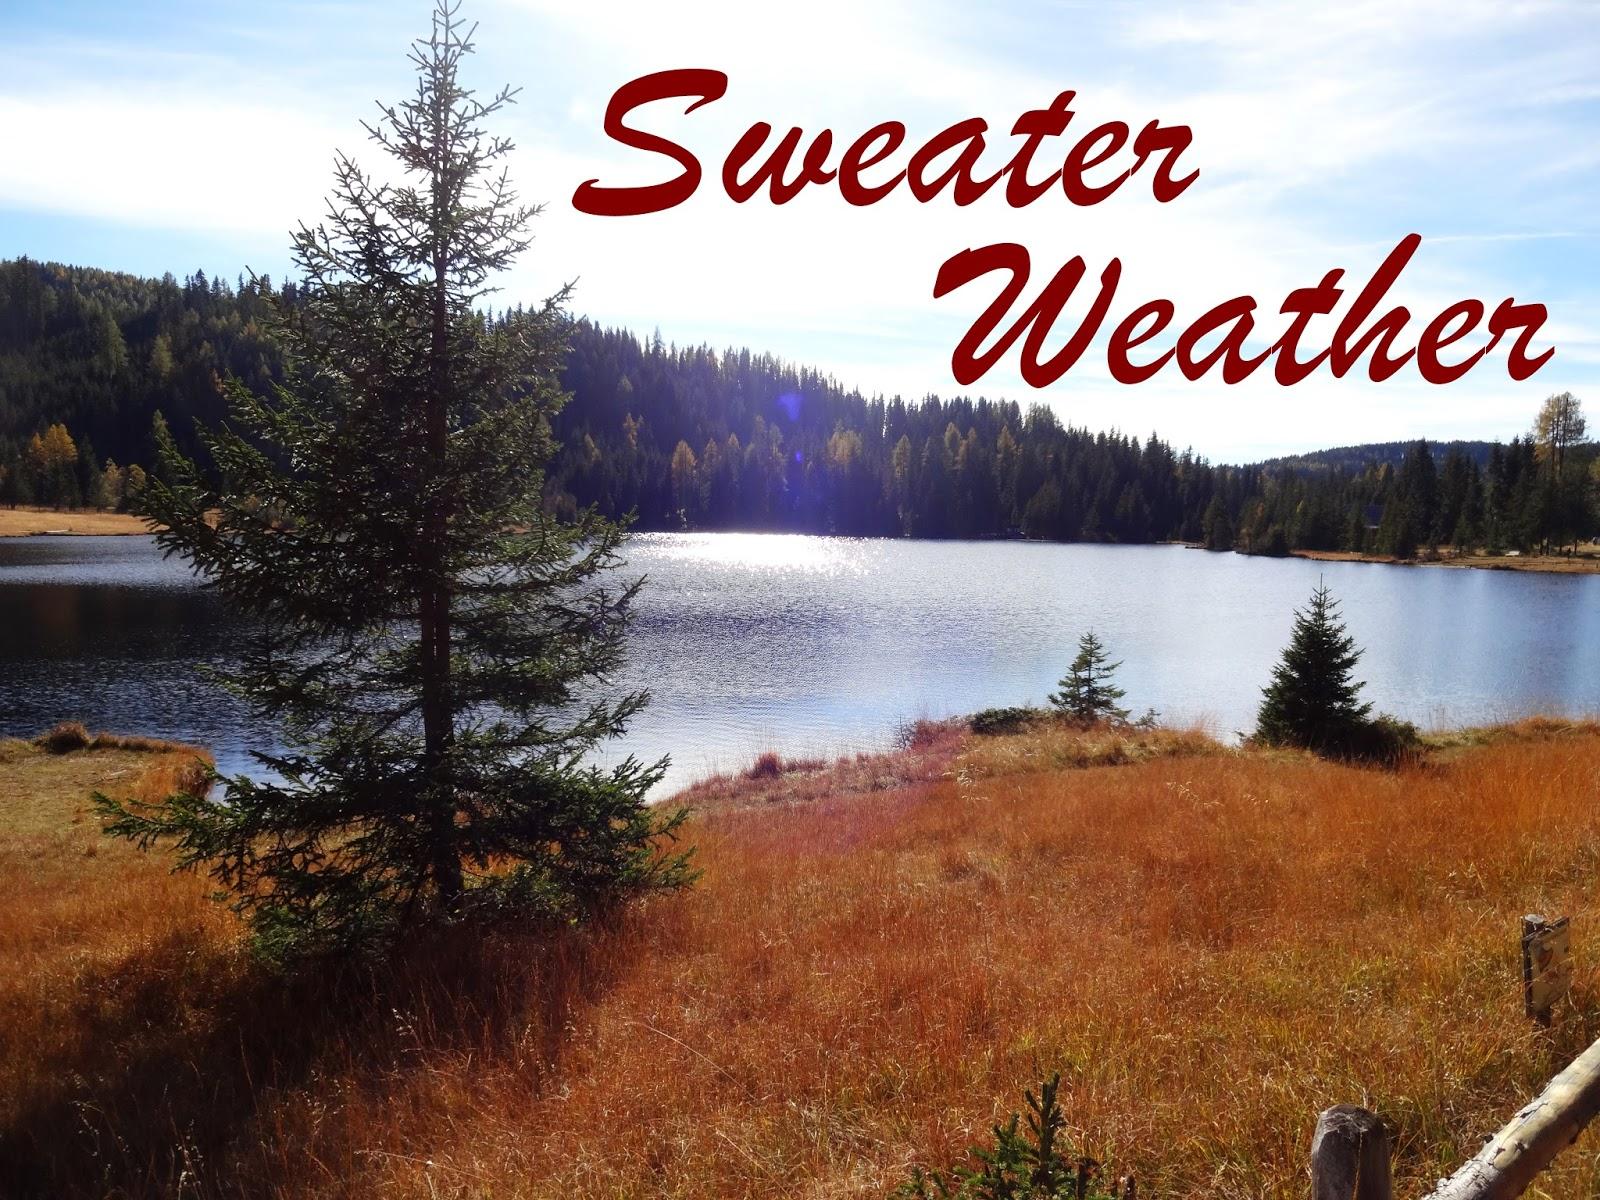 Sweater Weather, Herbststimmung, See, Wald, Herbst, Fichte